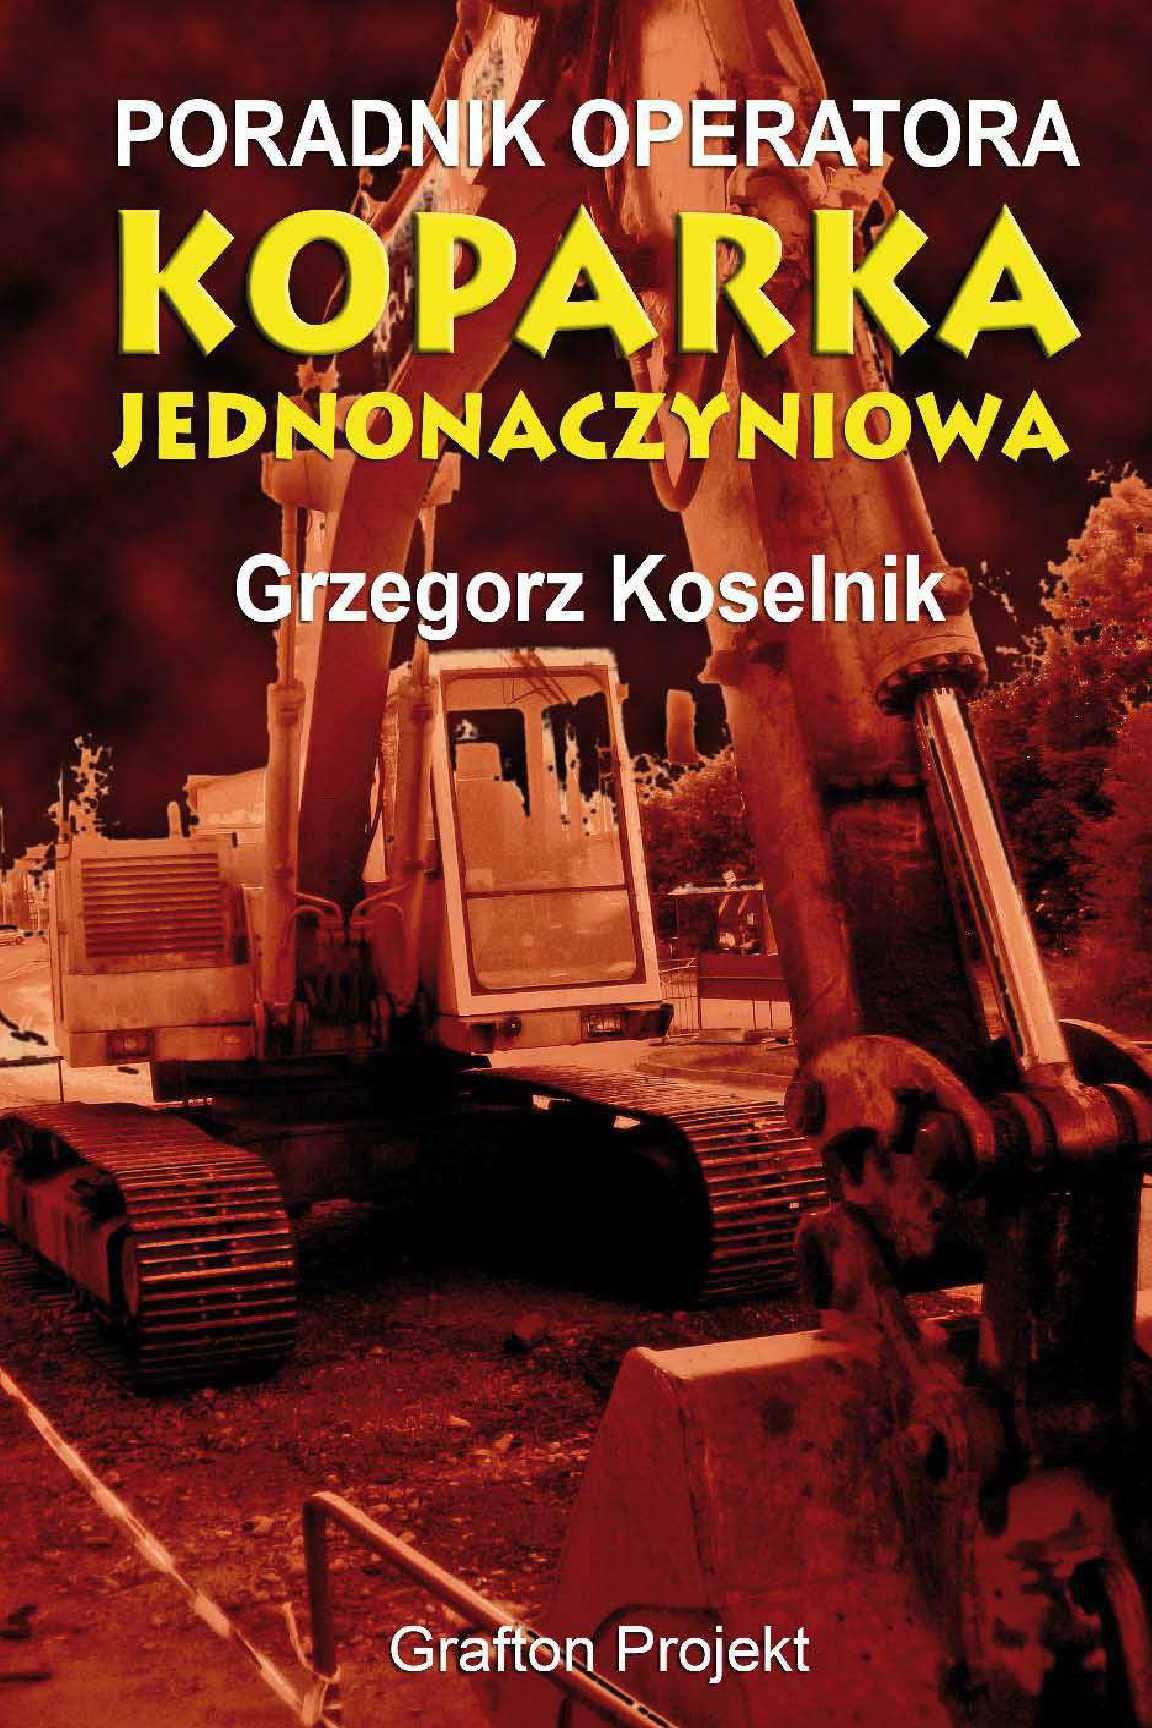 Poradnik operatora Koparka jednonaczyniowa - Ebook (Książka PDF) do pobrania w formacie PDF